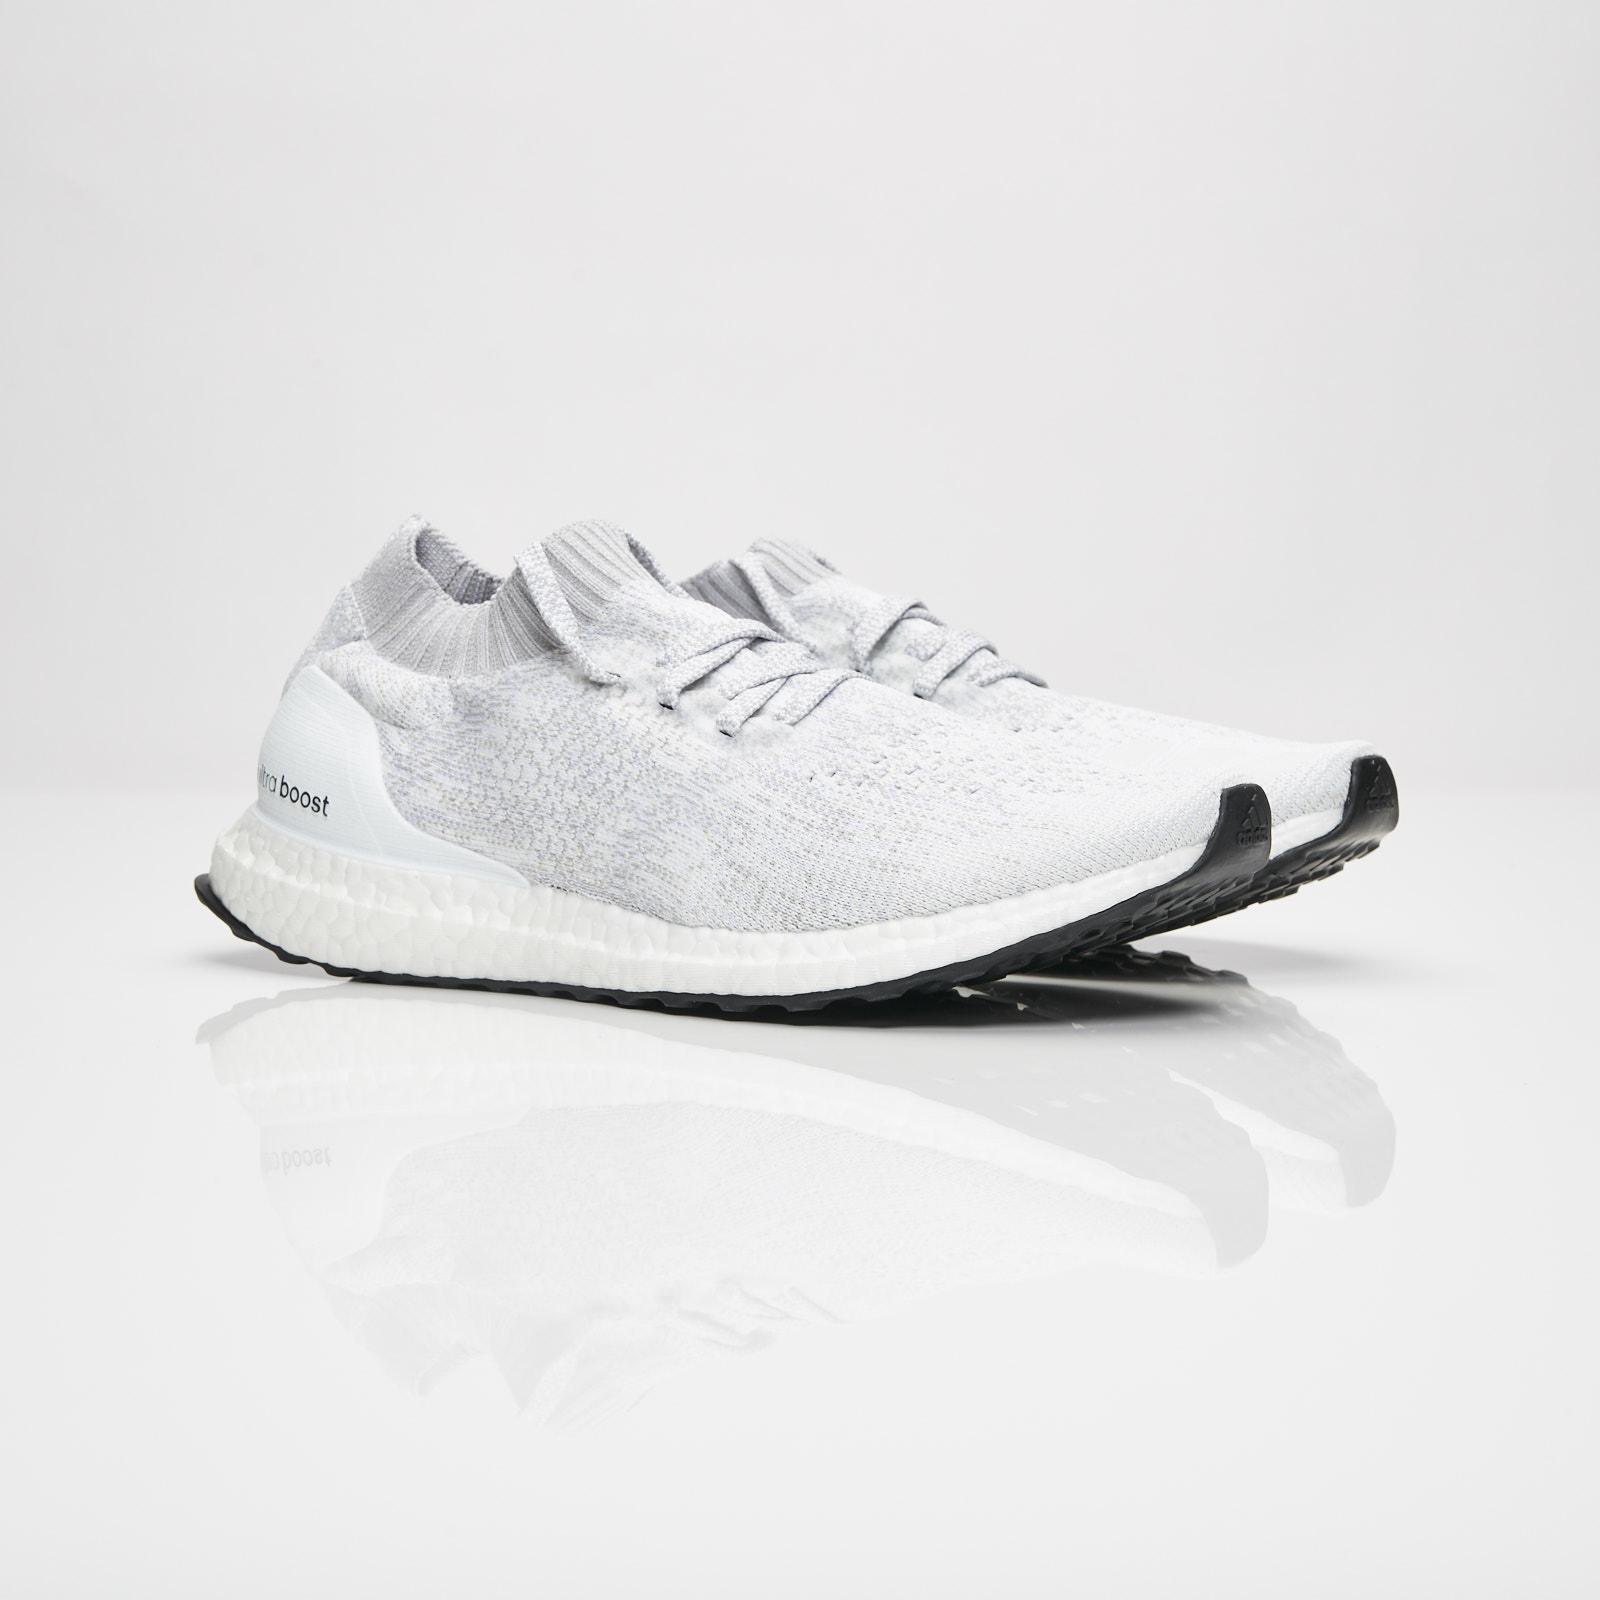 da2eb23995cf4e adidas UltraBOOST Uncaged - Da9157 - Sneakersnstuff